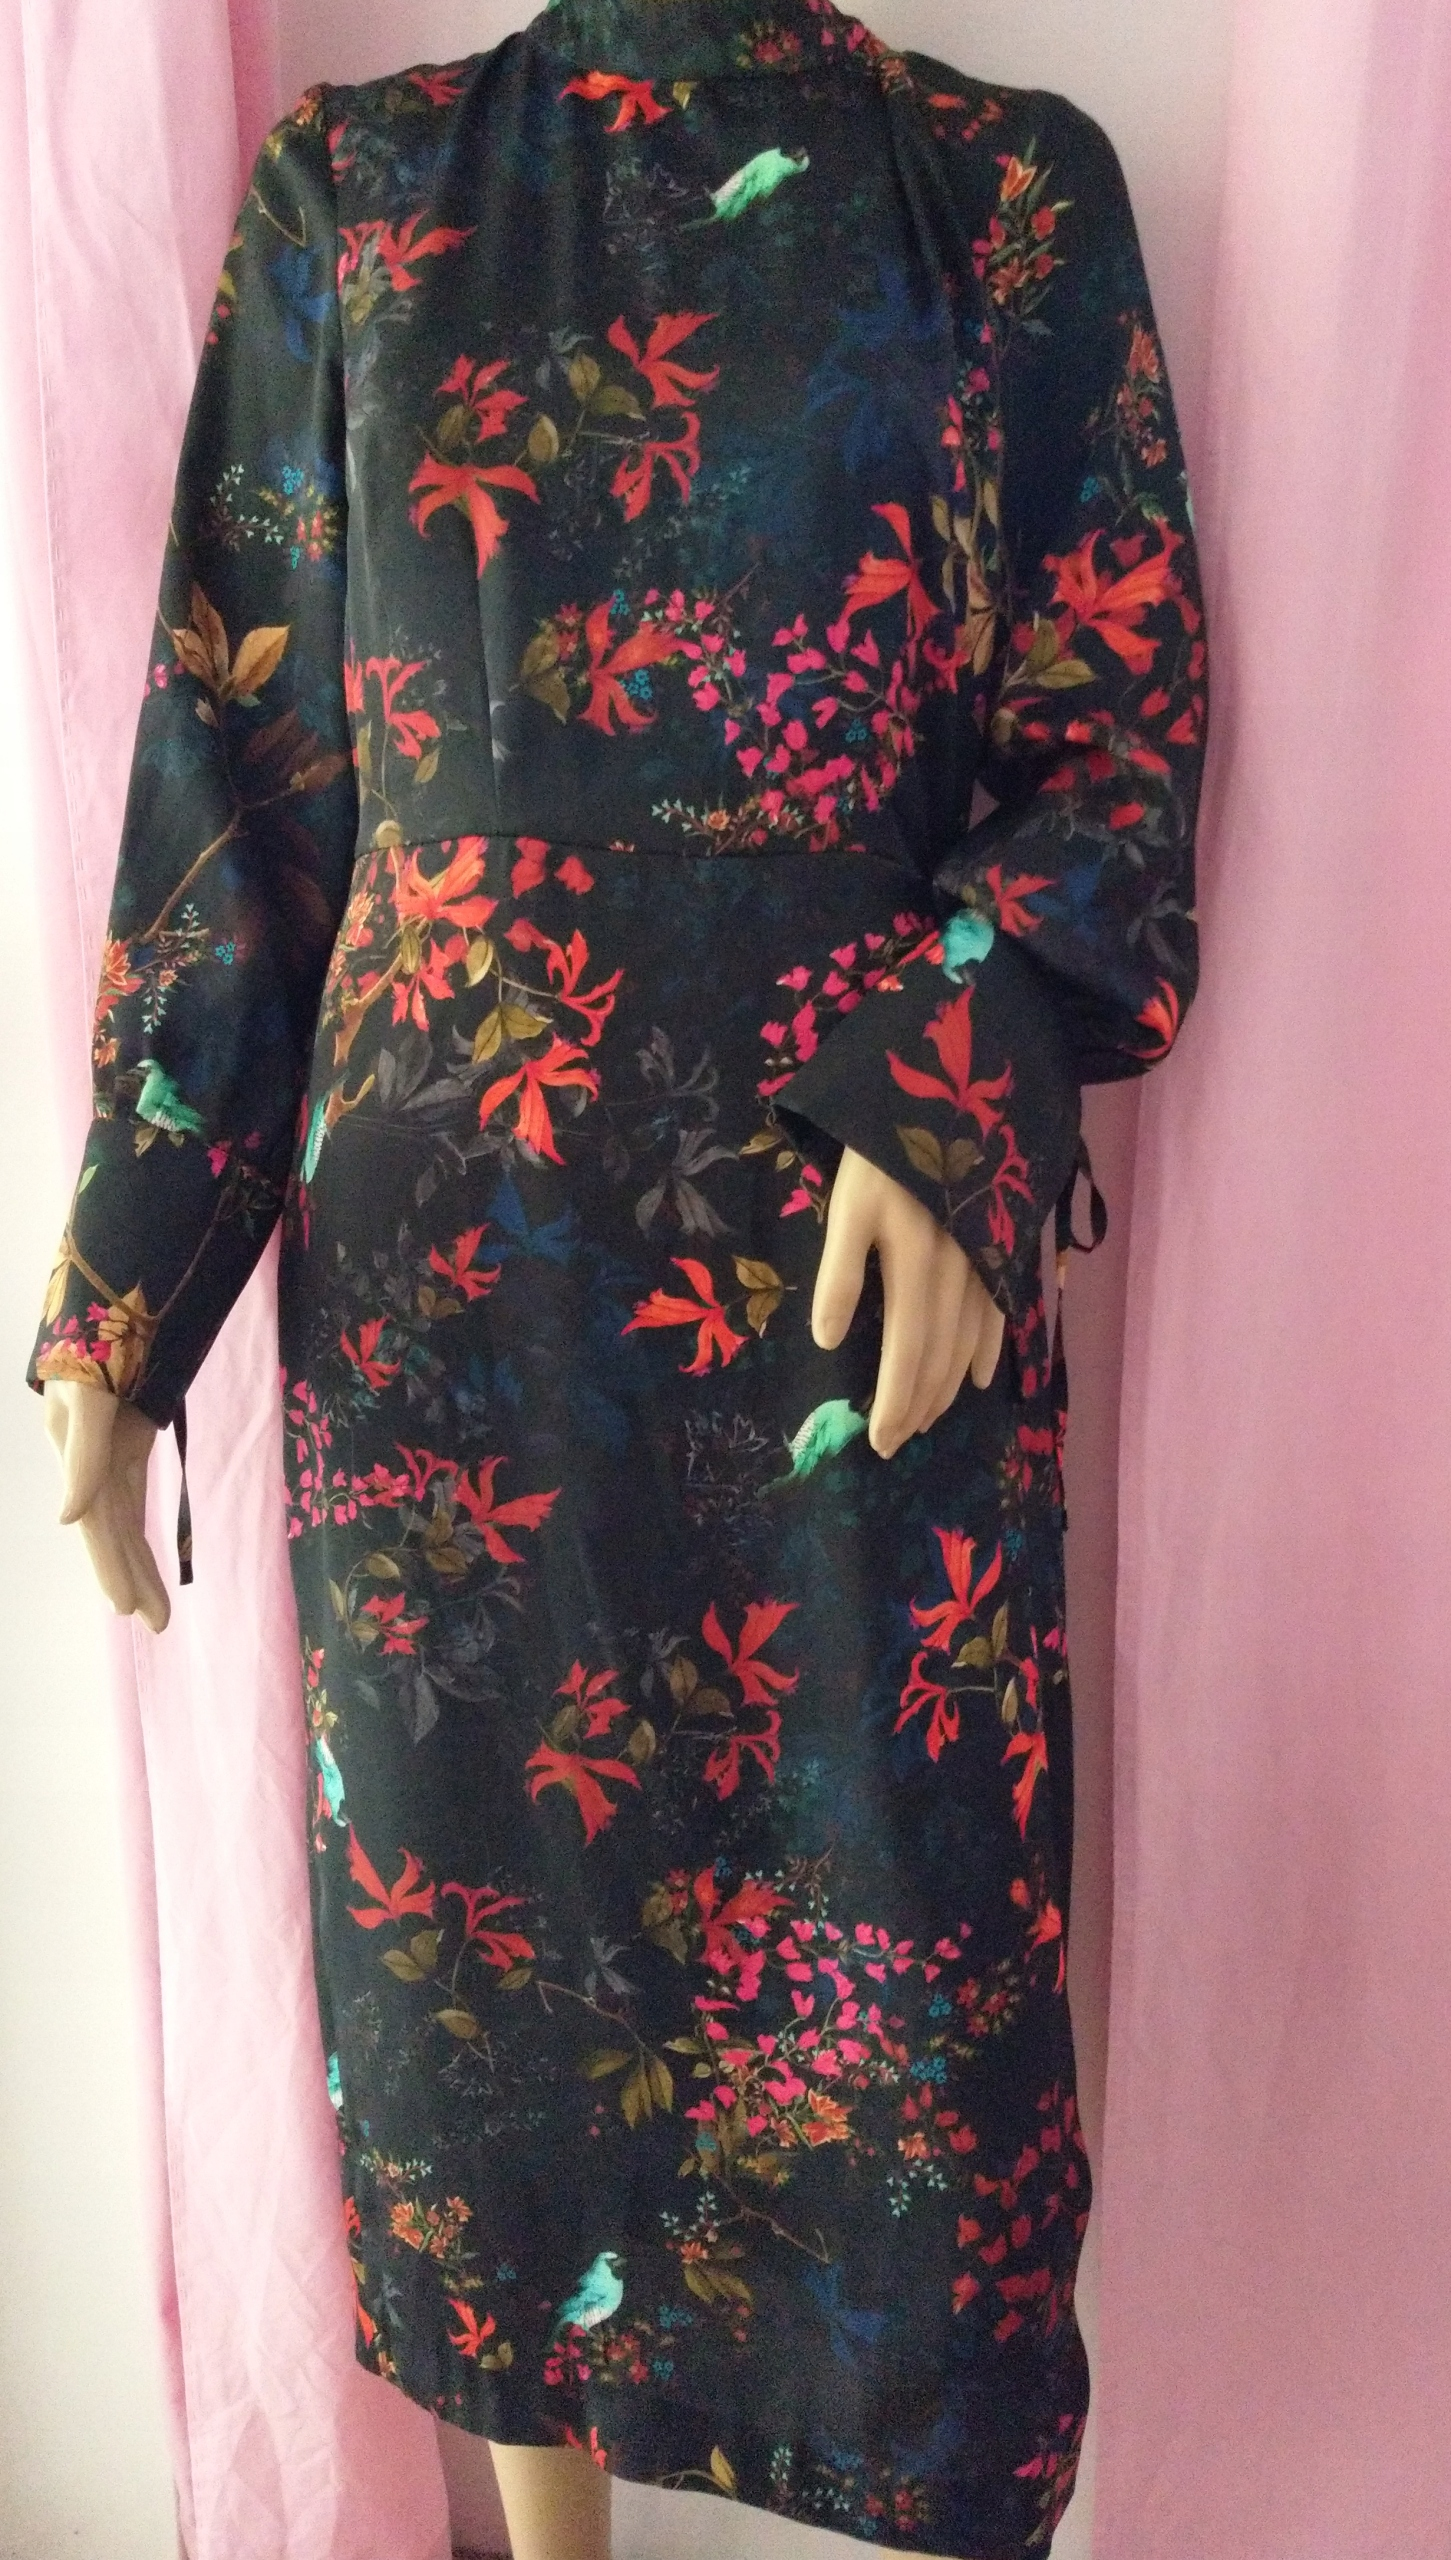 ca61d1d7 Sukienka Solar r. 36 nowa kolekcja jesień 2018 - 7489477289 ...